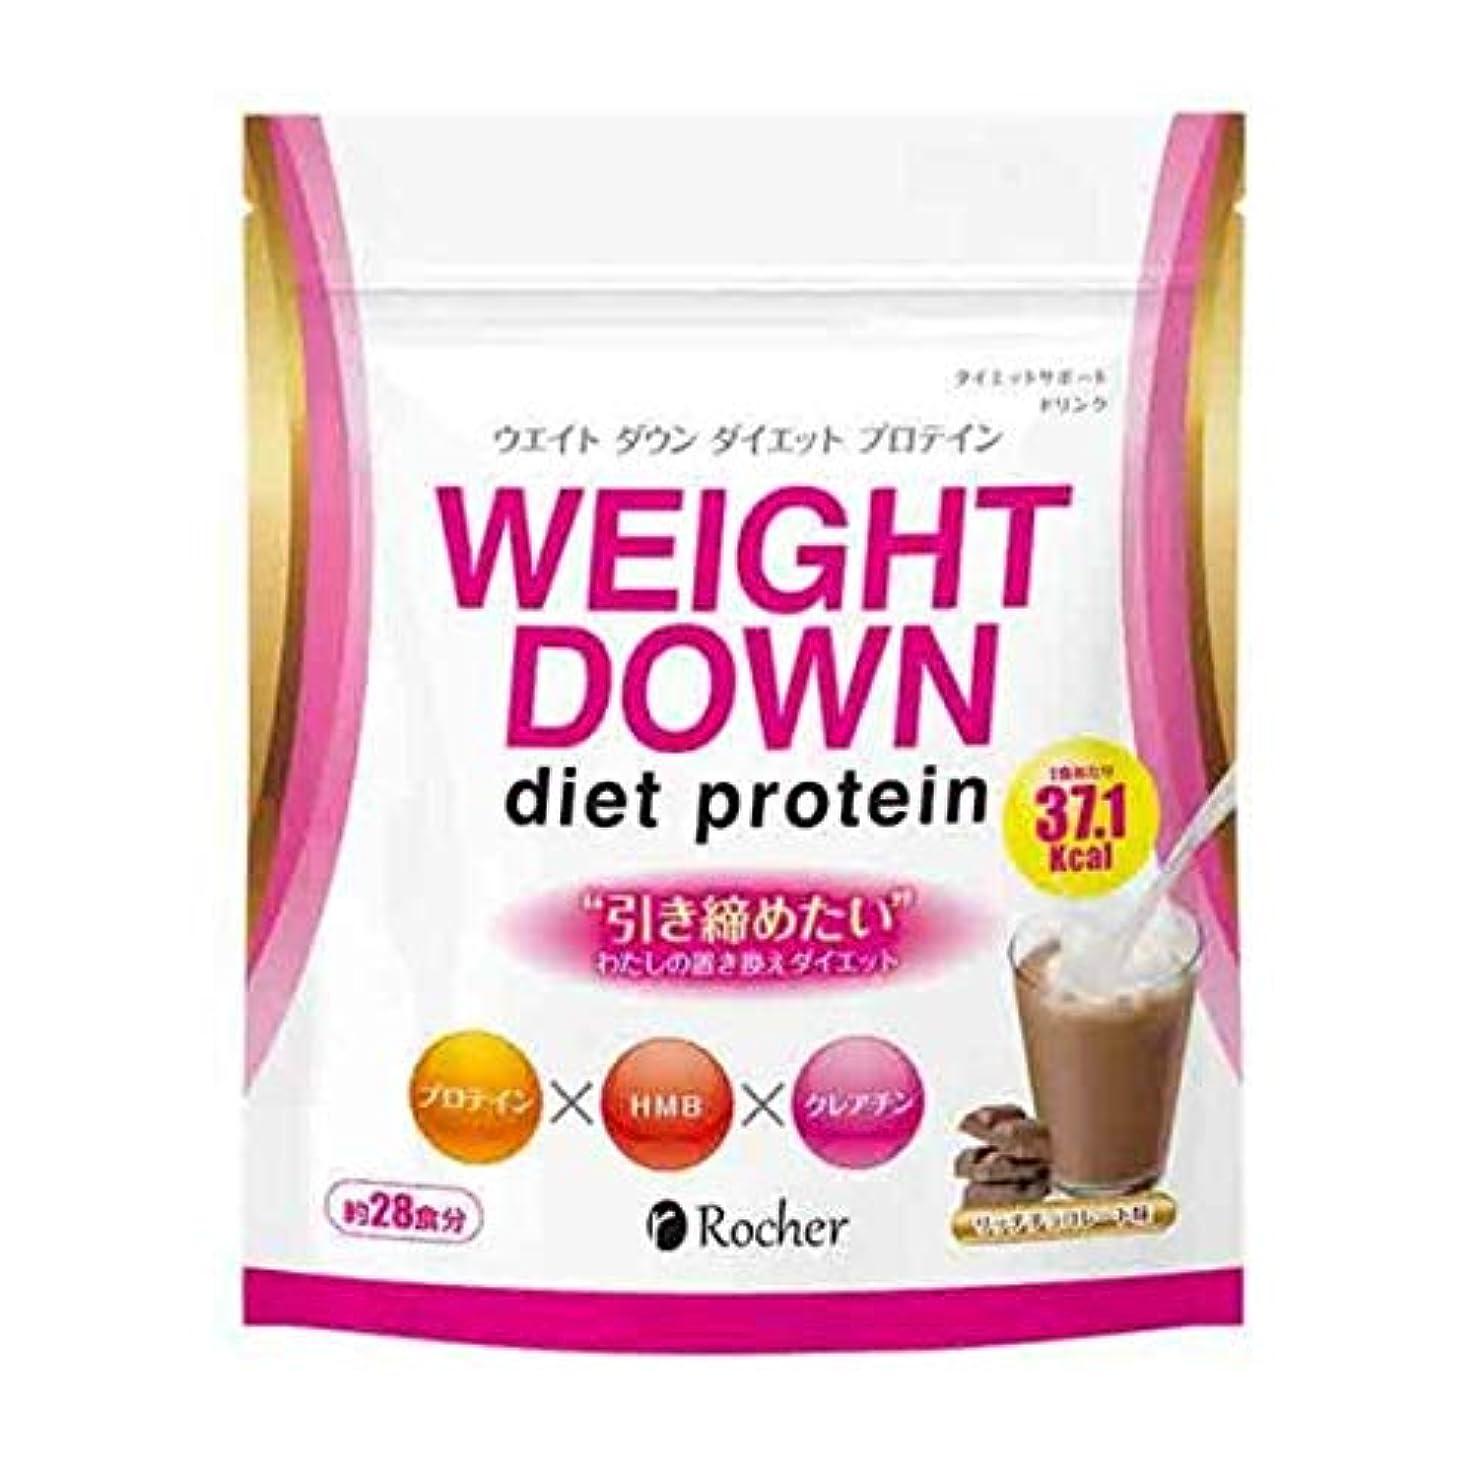 ショート強います予報初回限定!マドラーセット ウェイトダウン ダイエットプロテイン 置き換えダイエット!栄養バランを考えて作られたダイエットプロテイン シェイカー要らず?